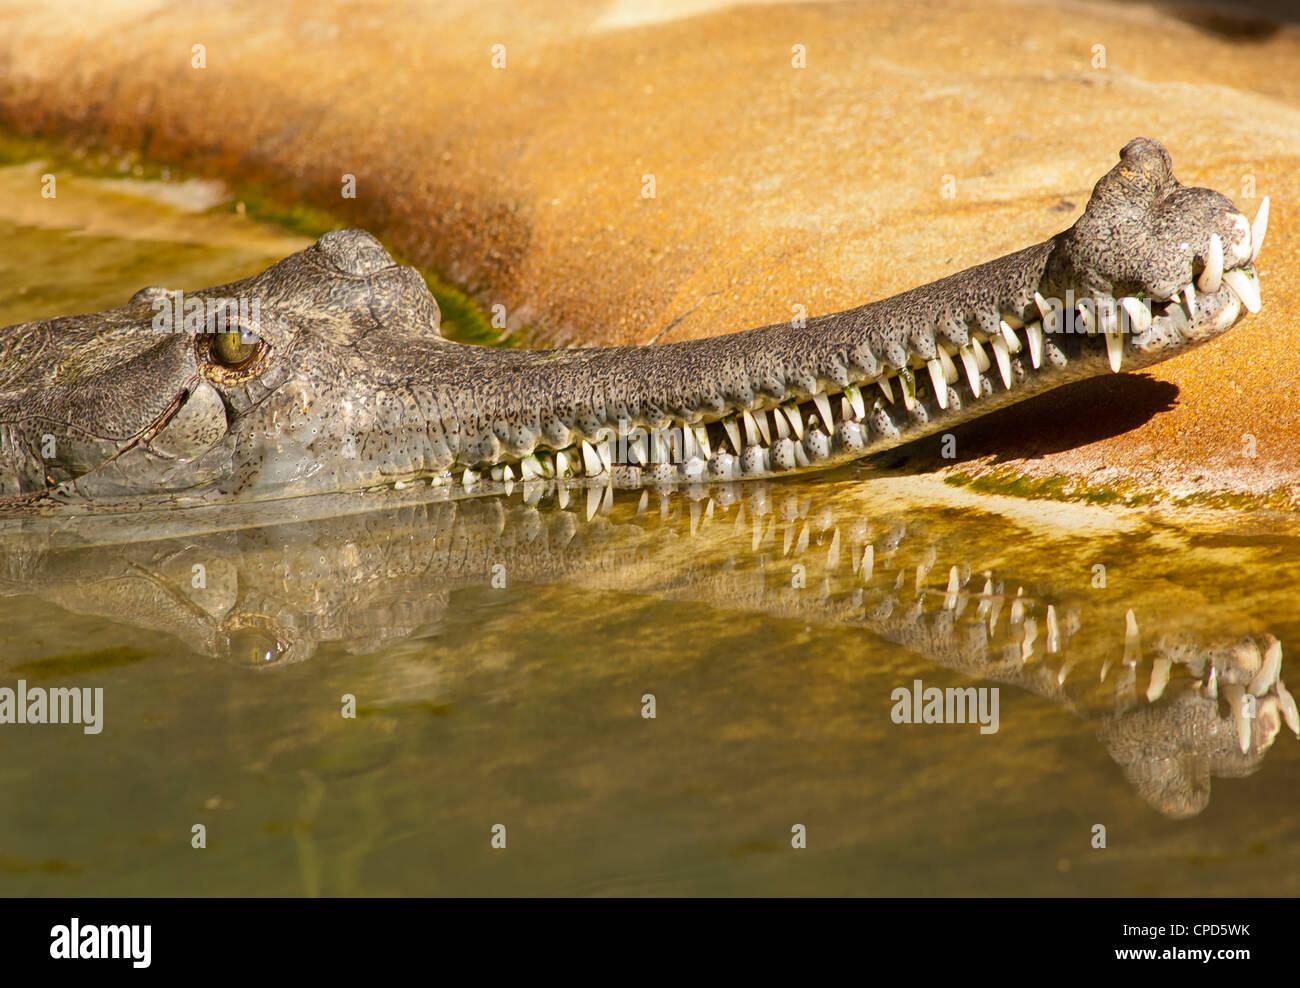 Der Gangesgavial (Gavialis Gangeticus) ist ein Krokodil der Familie Gavialidae, die ursprünglich aus dem indischen Stockbild